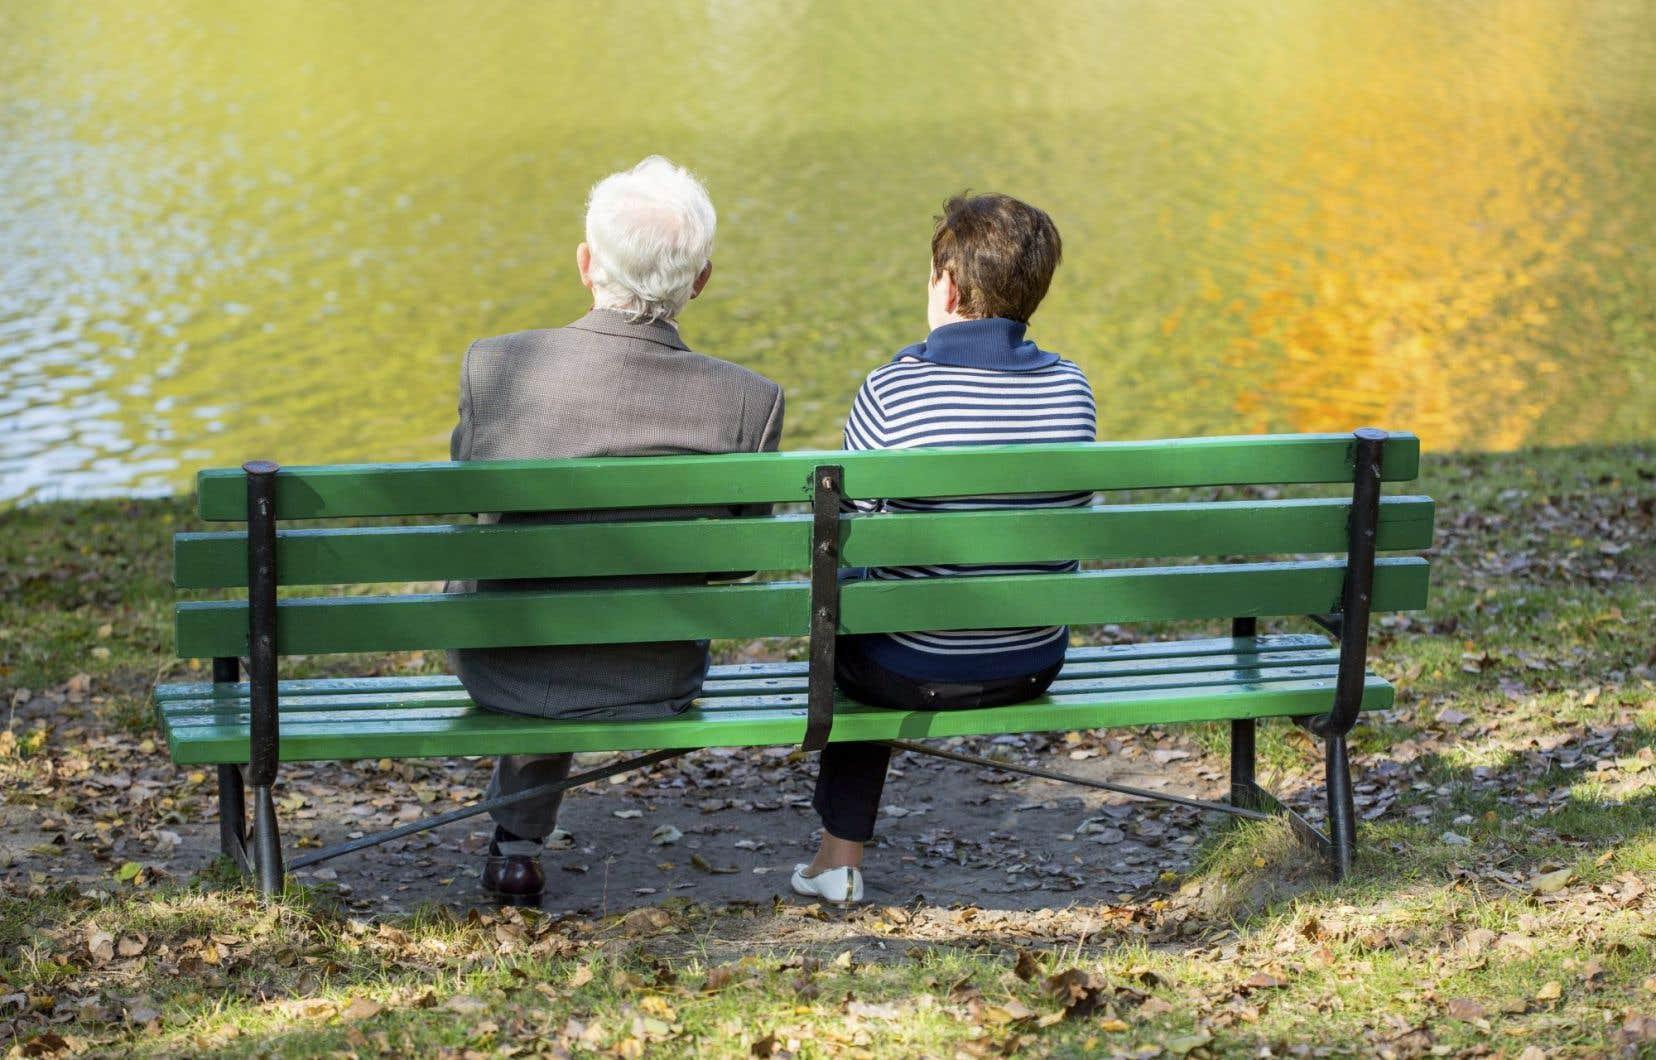 Au Québec, l'espérance de vie estde 79,7ans chez les hommes et de 83,8ans chez les femmes.